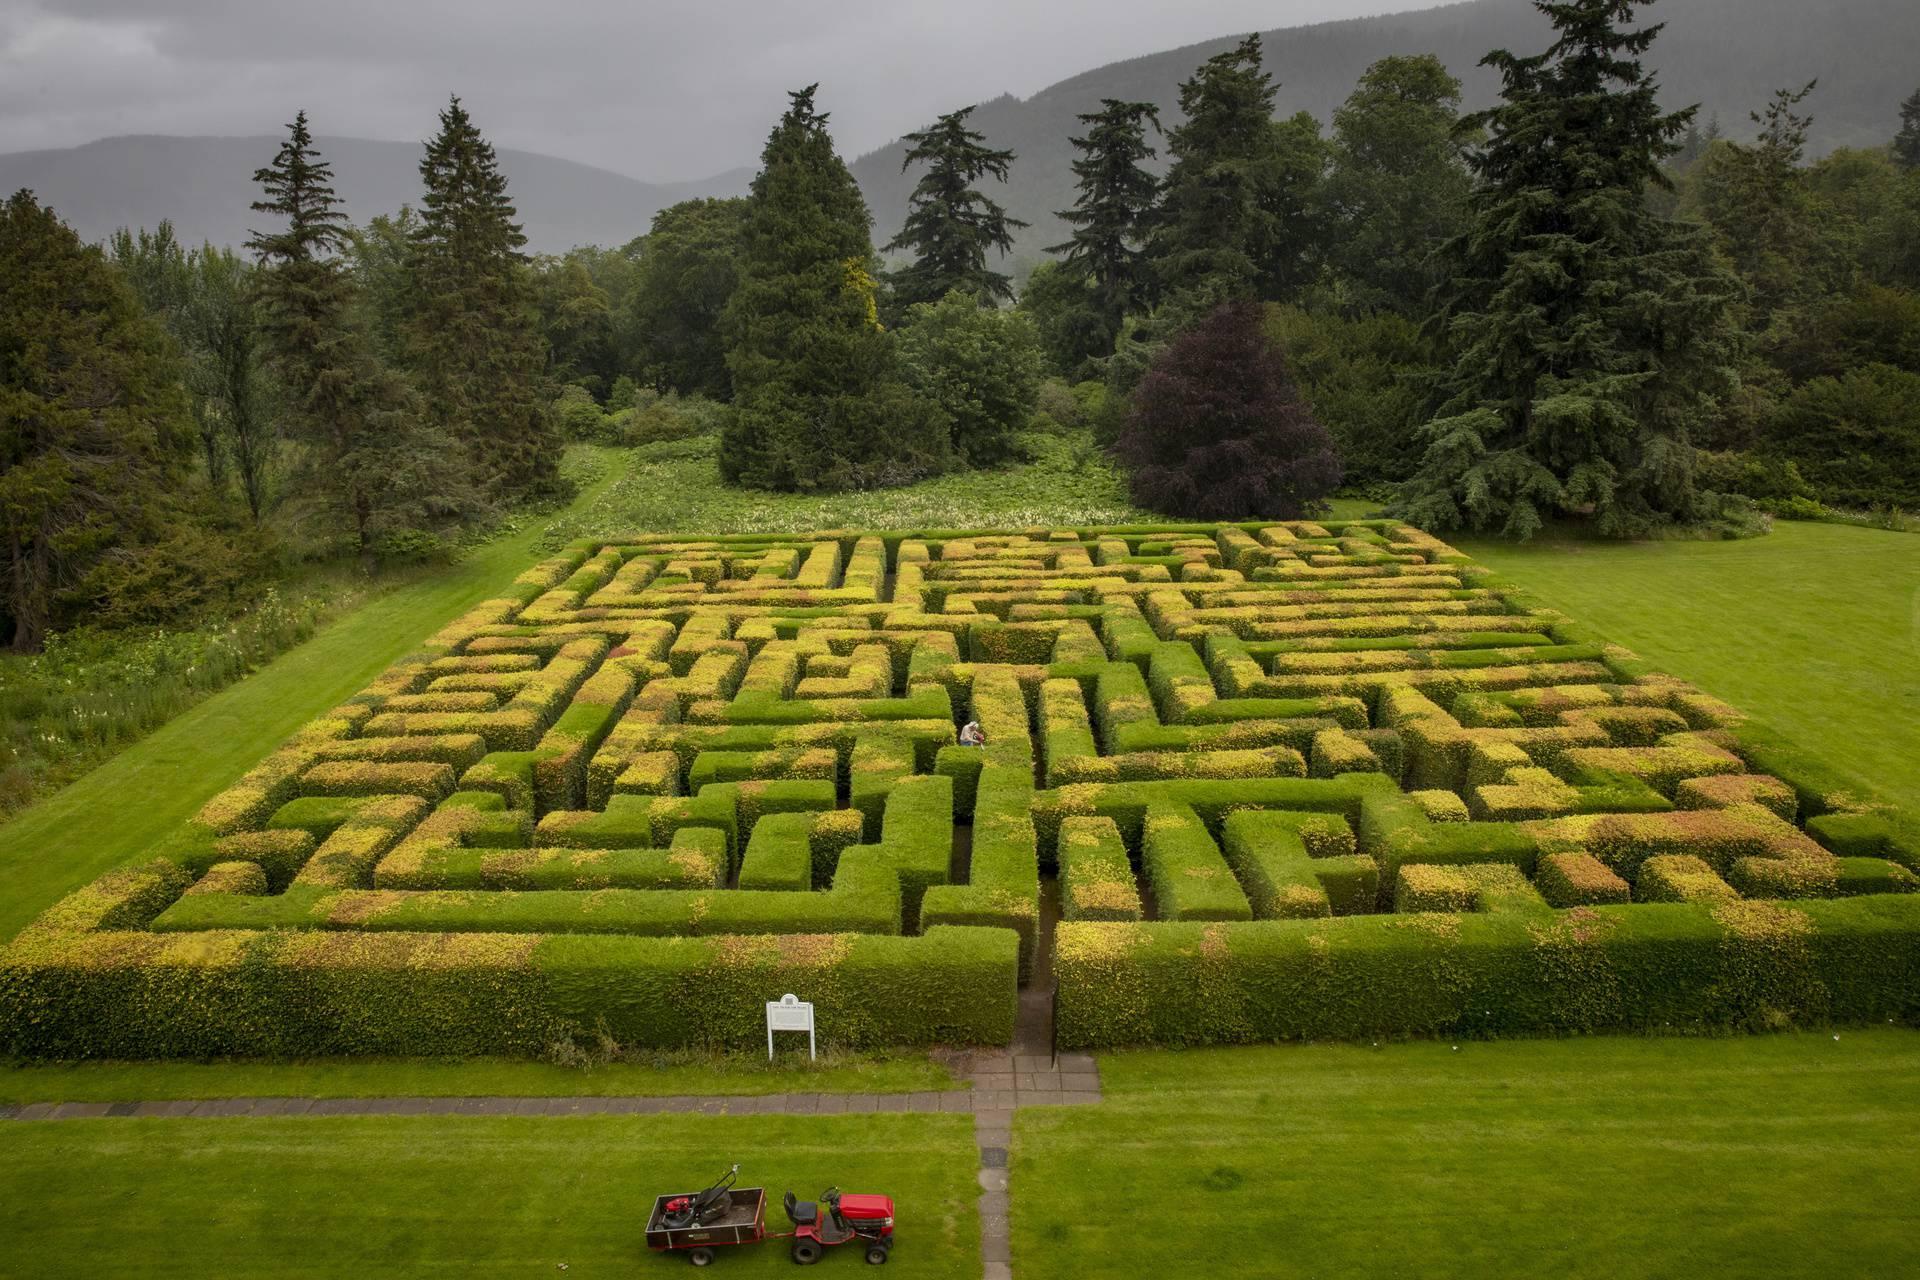 Labirint pred otvaranje